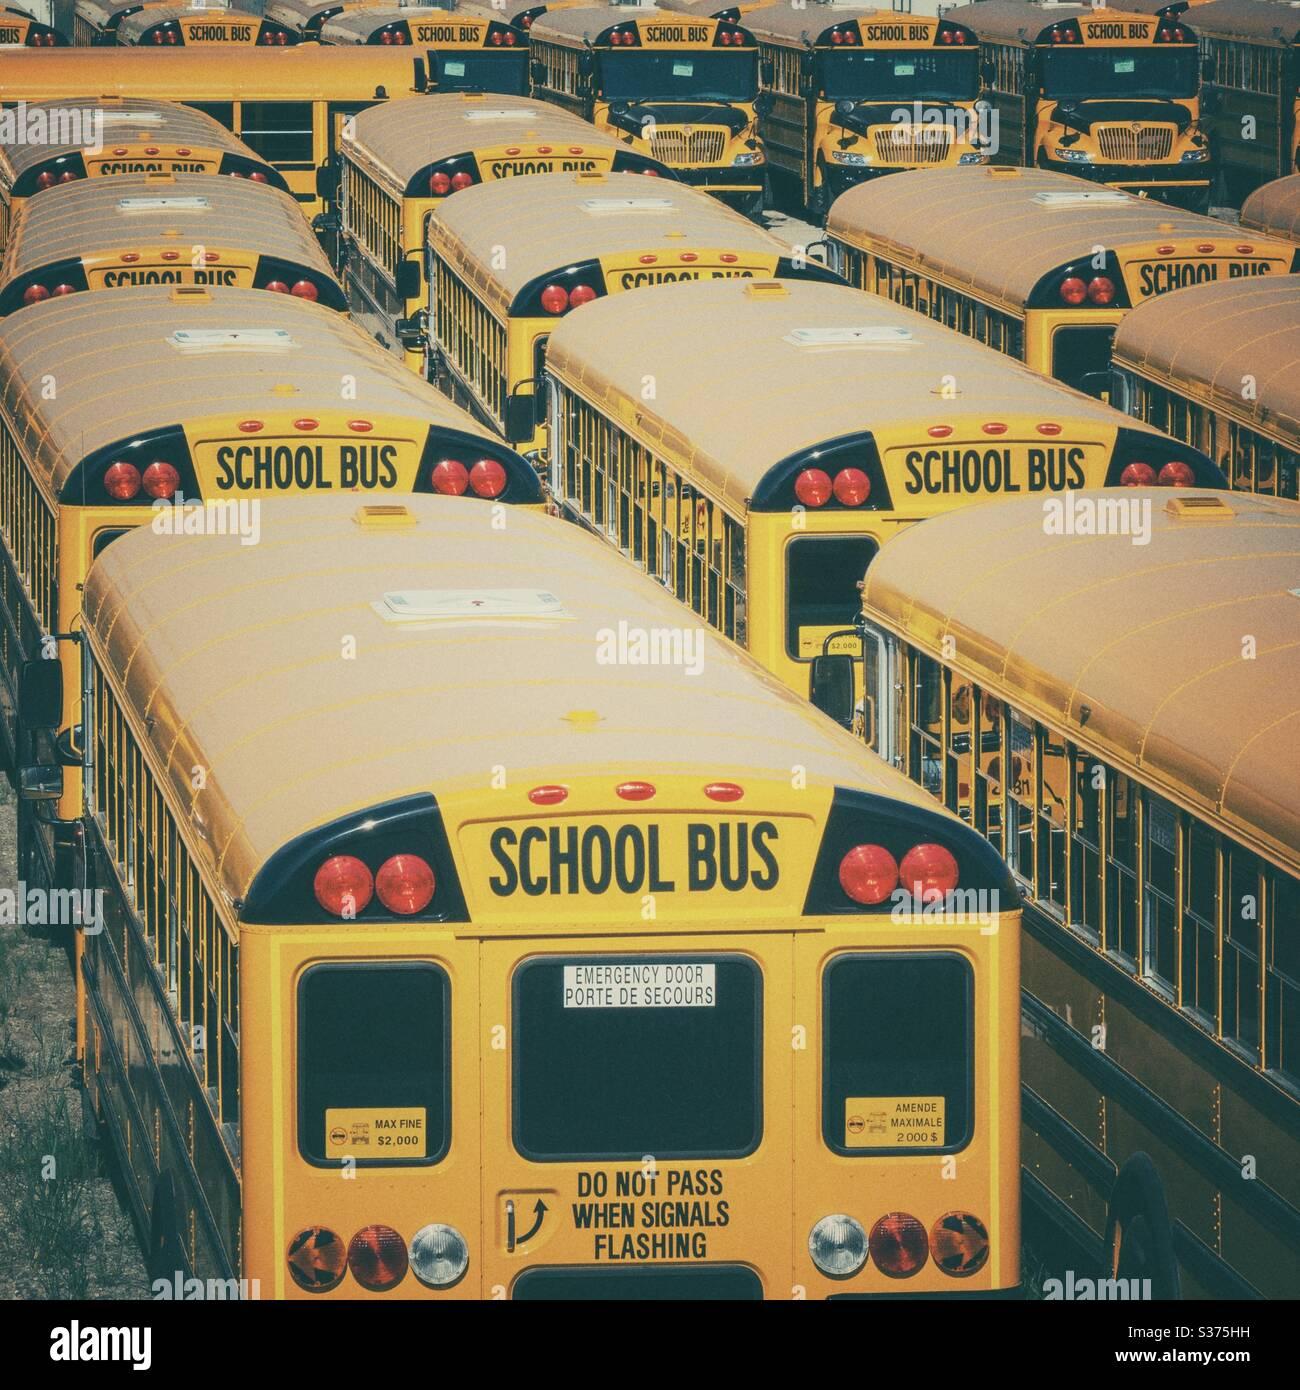 La Escuela Amarilla de América del Norte se Busa en un patio de almacenamiento Foto de stock